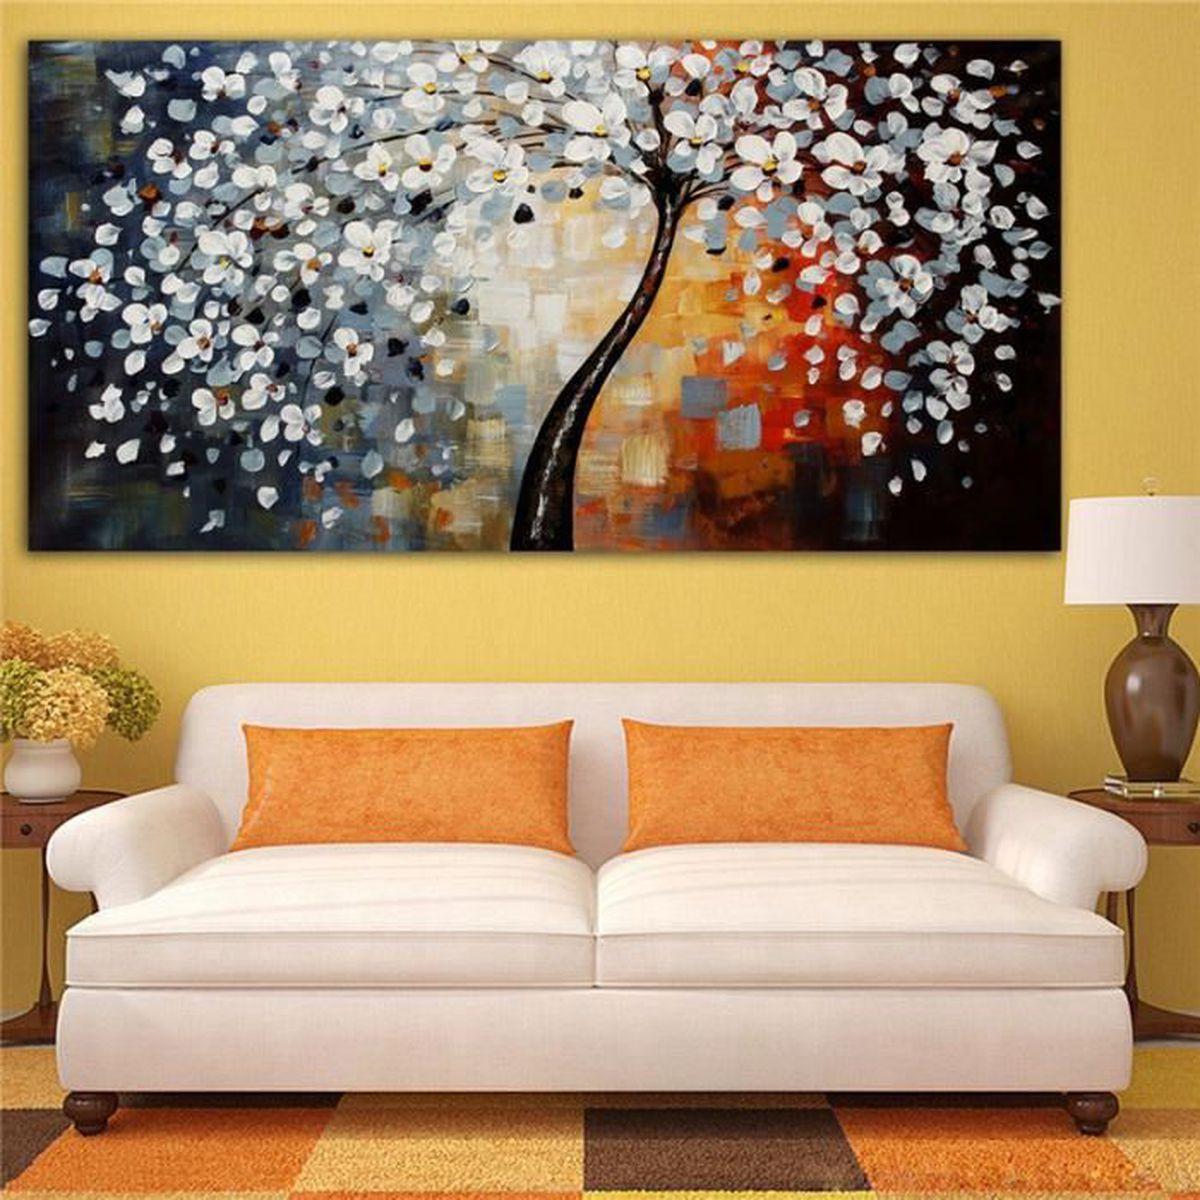 tableau peinture huile arbre de fleur toile abstraite moderne art d cor murale achat vente. Black Bedroom Furniture Sets. Home Design Ideas